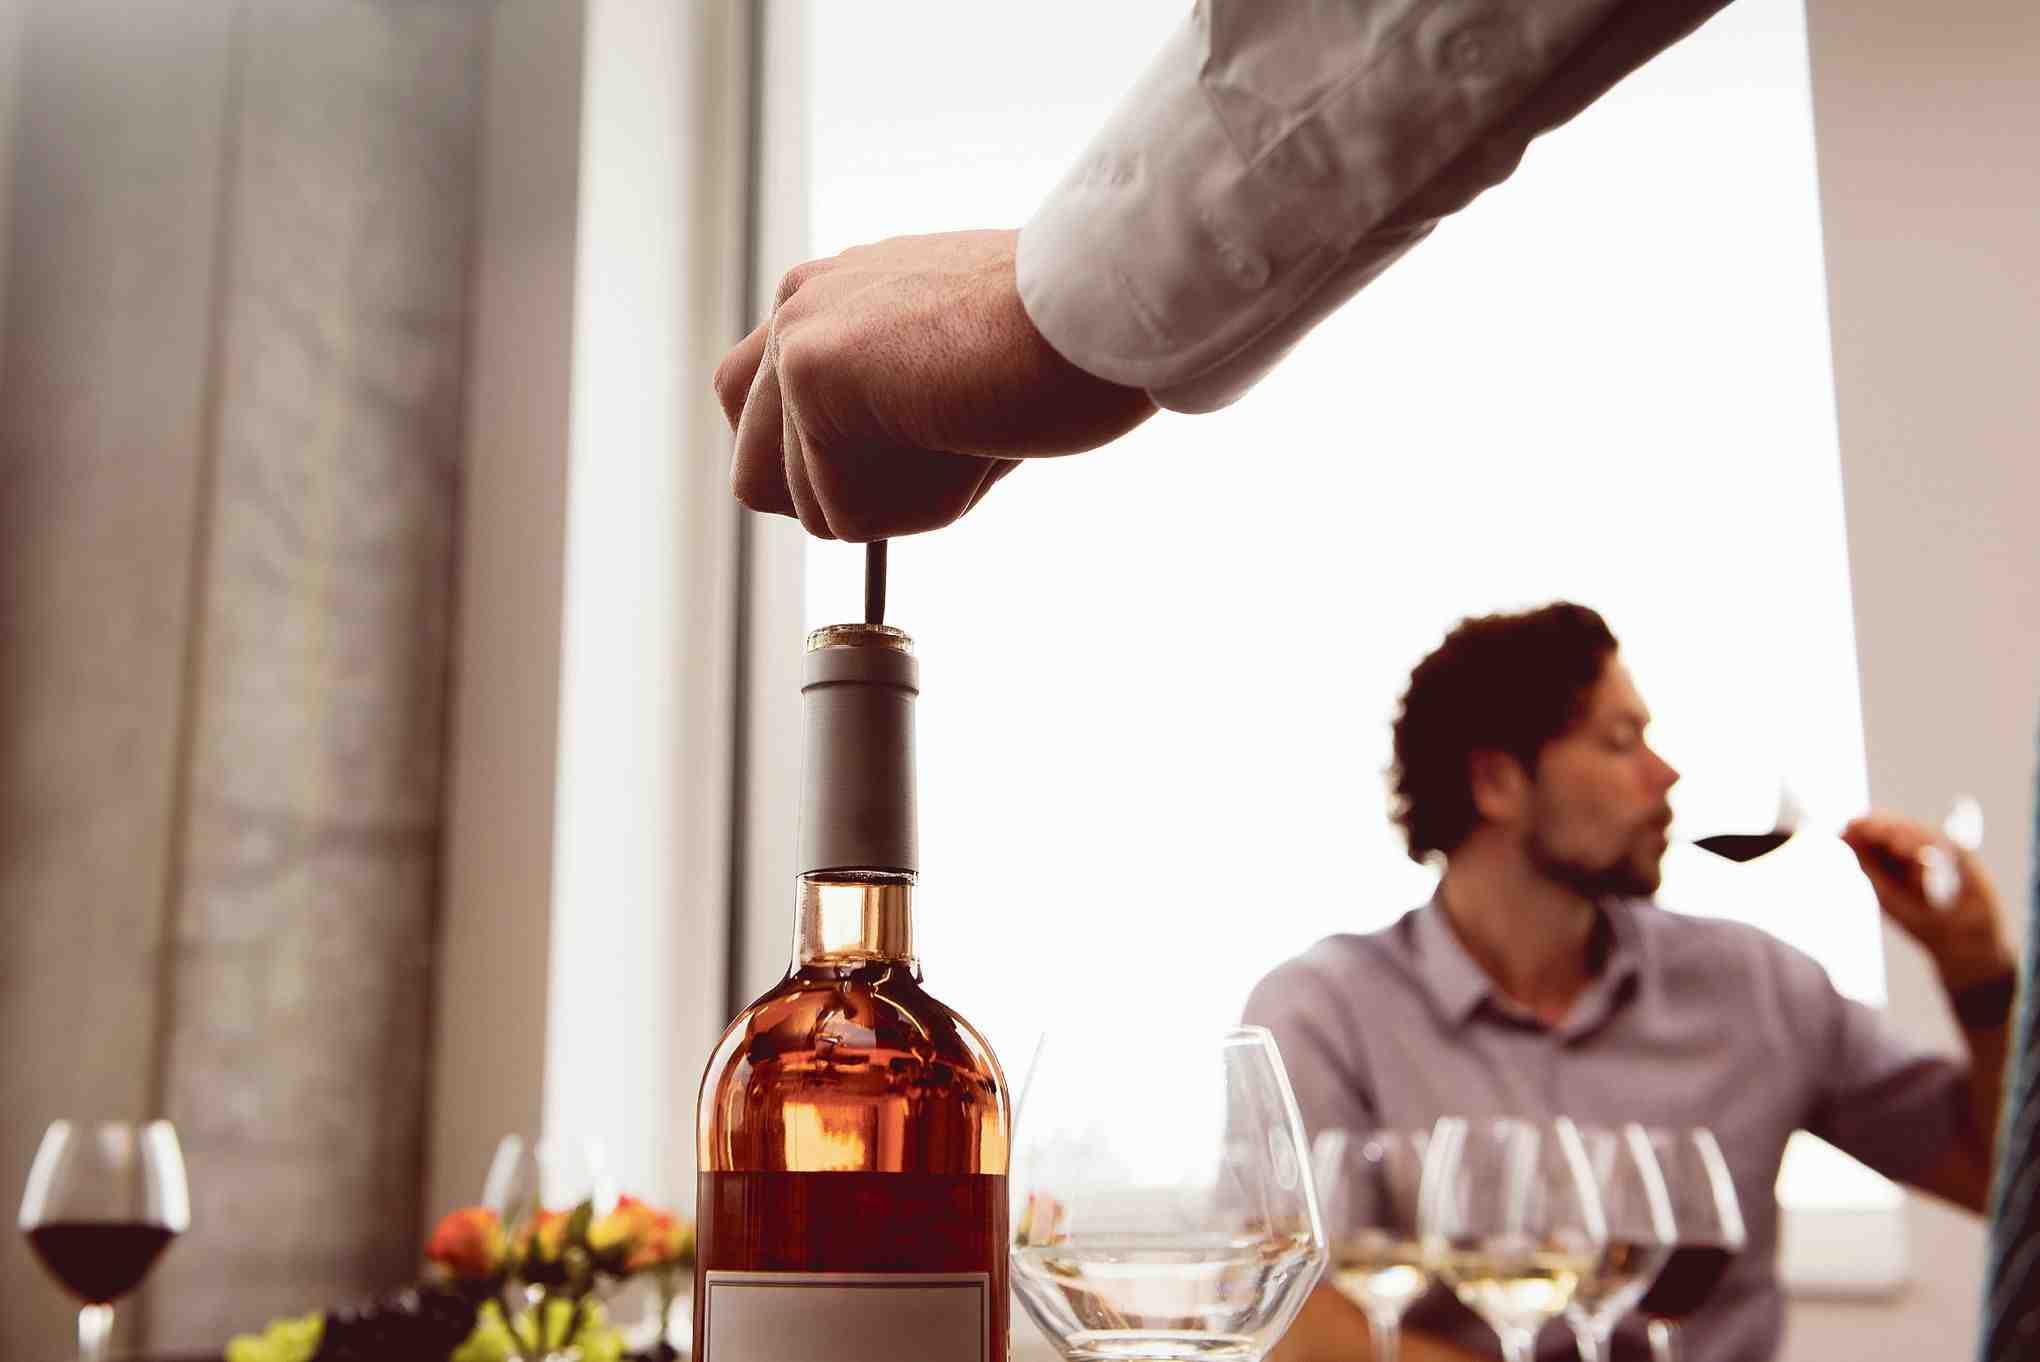 Quand le foie ne peut plus tolérer l'alcool?